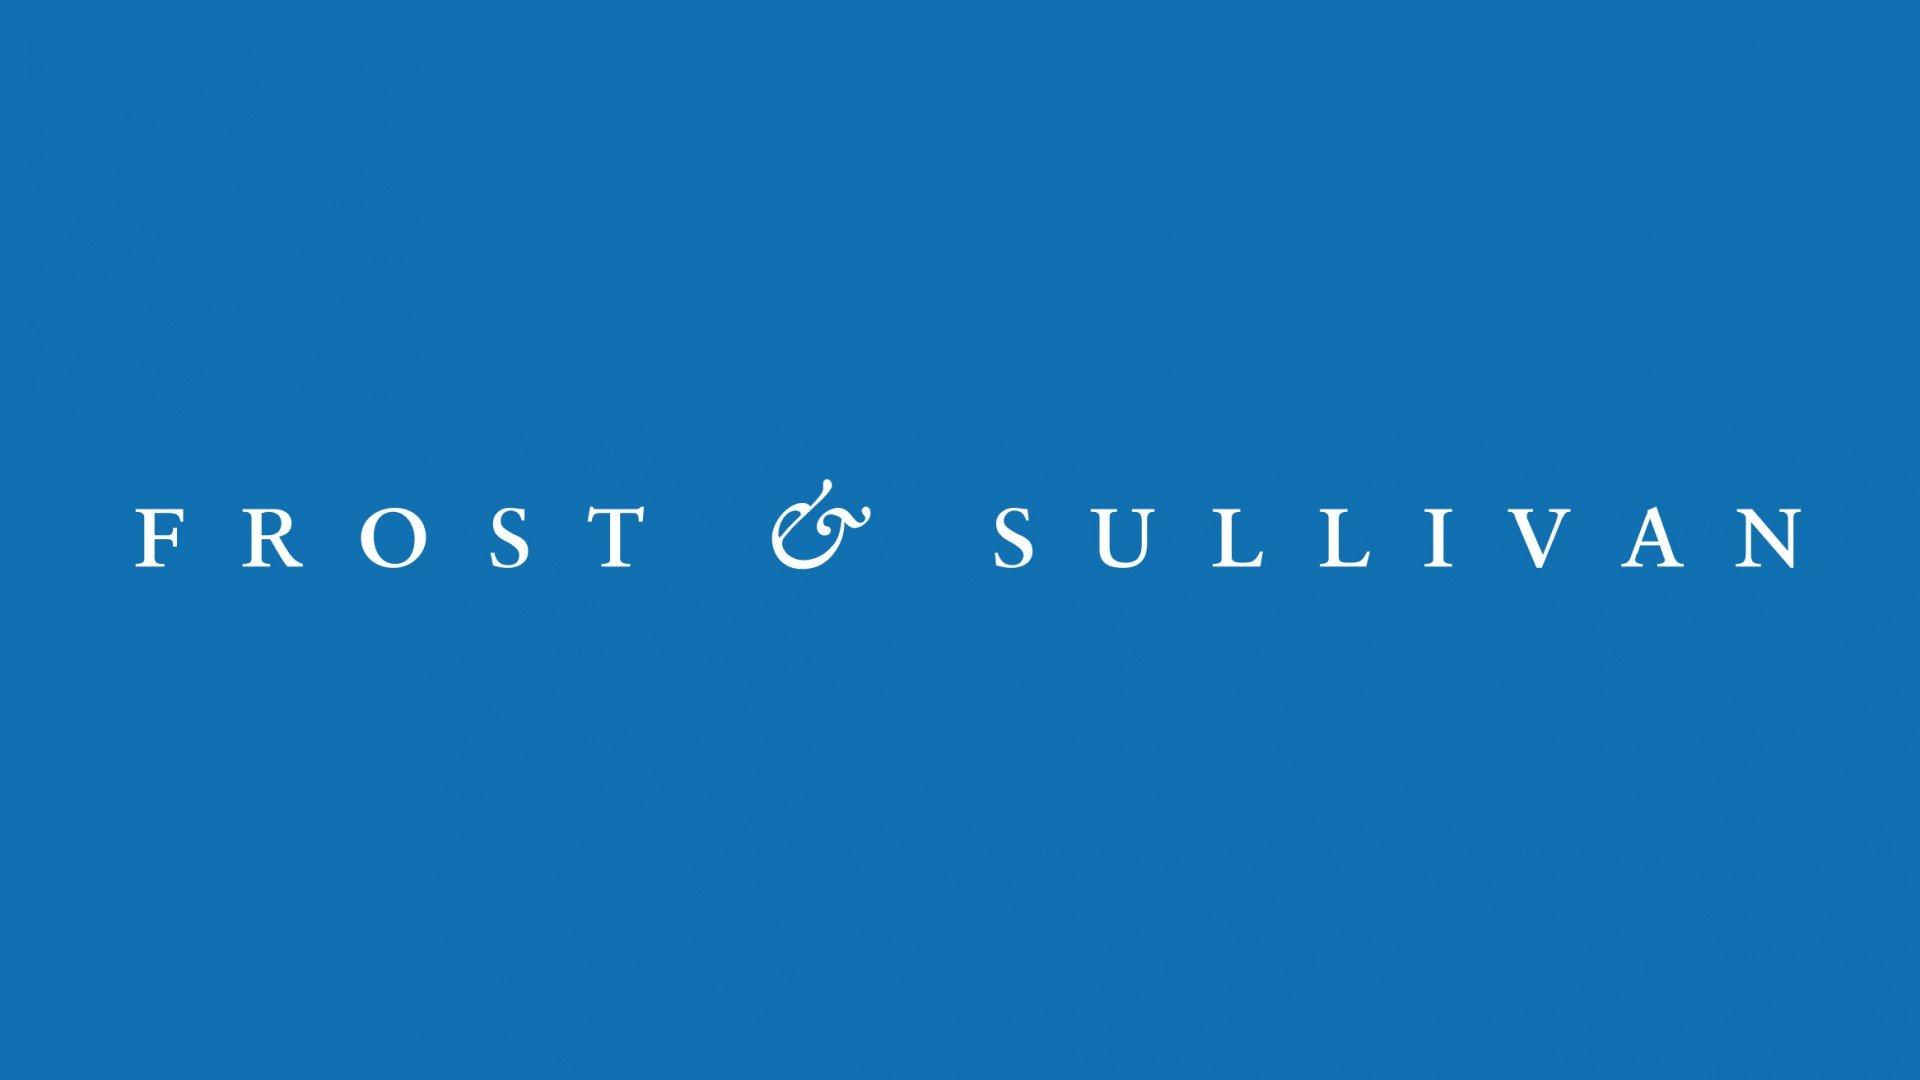 forst sullivan logo 2